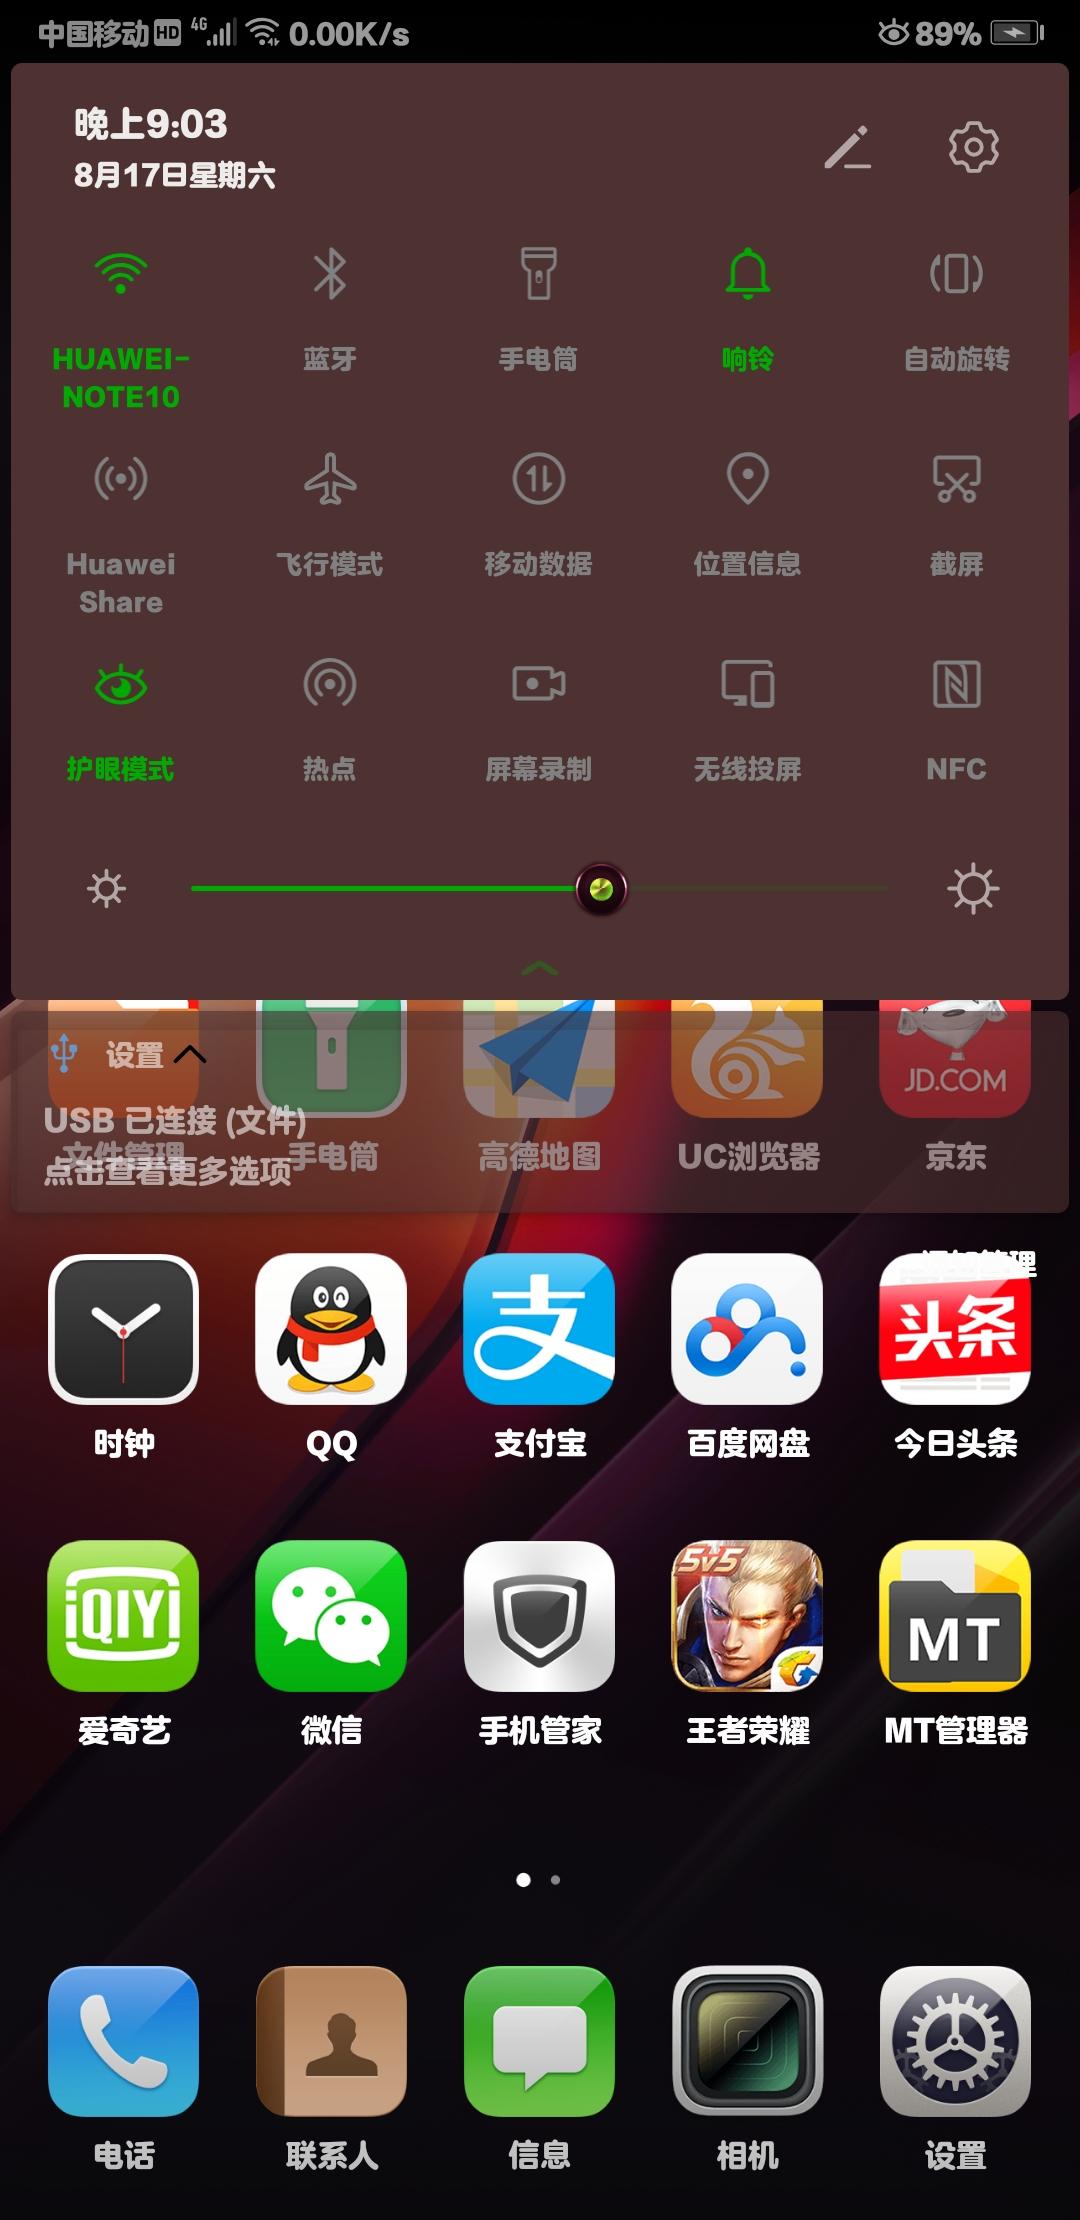 Screenshot_20190817_210333_com.huawei.android.launcher.jpg